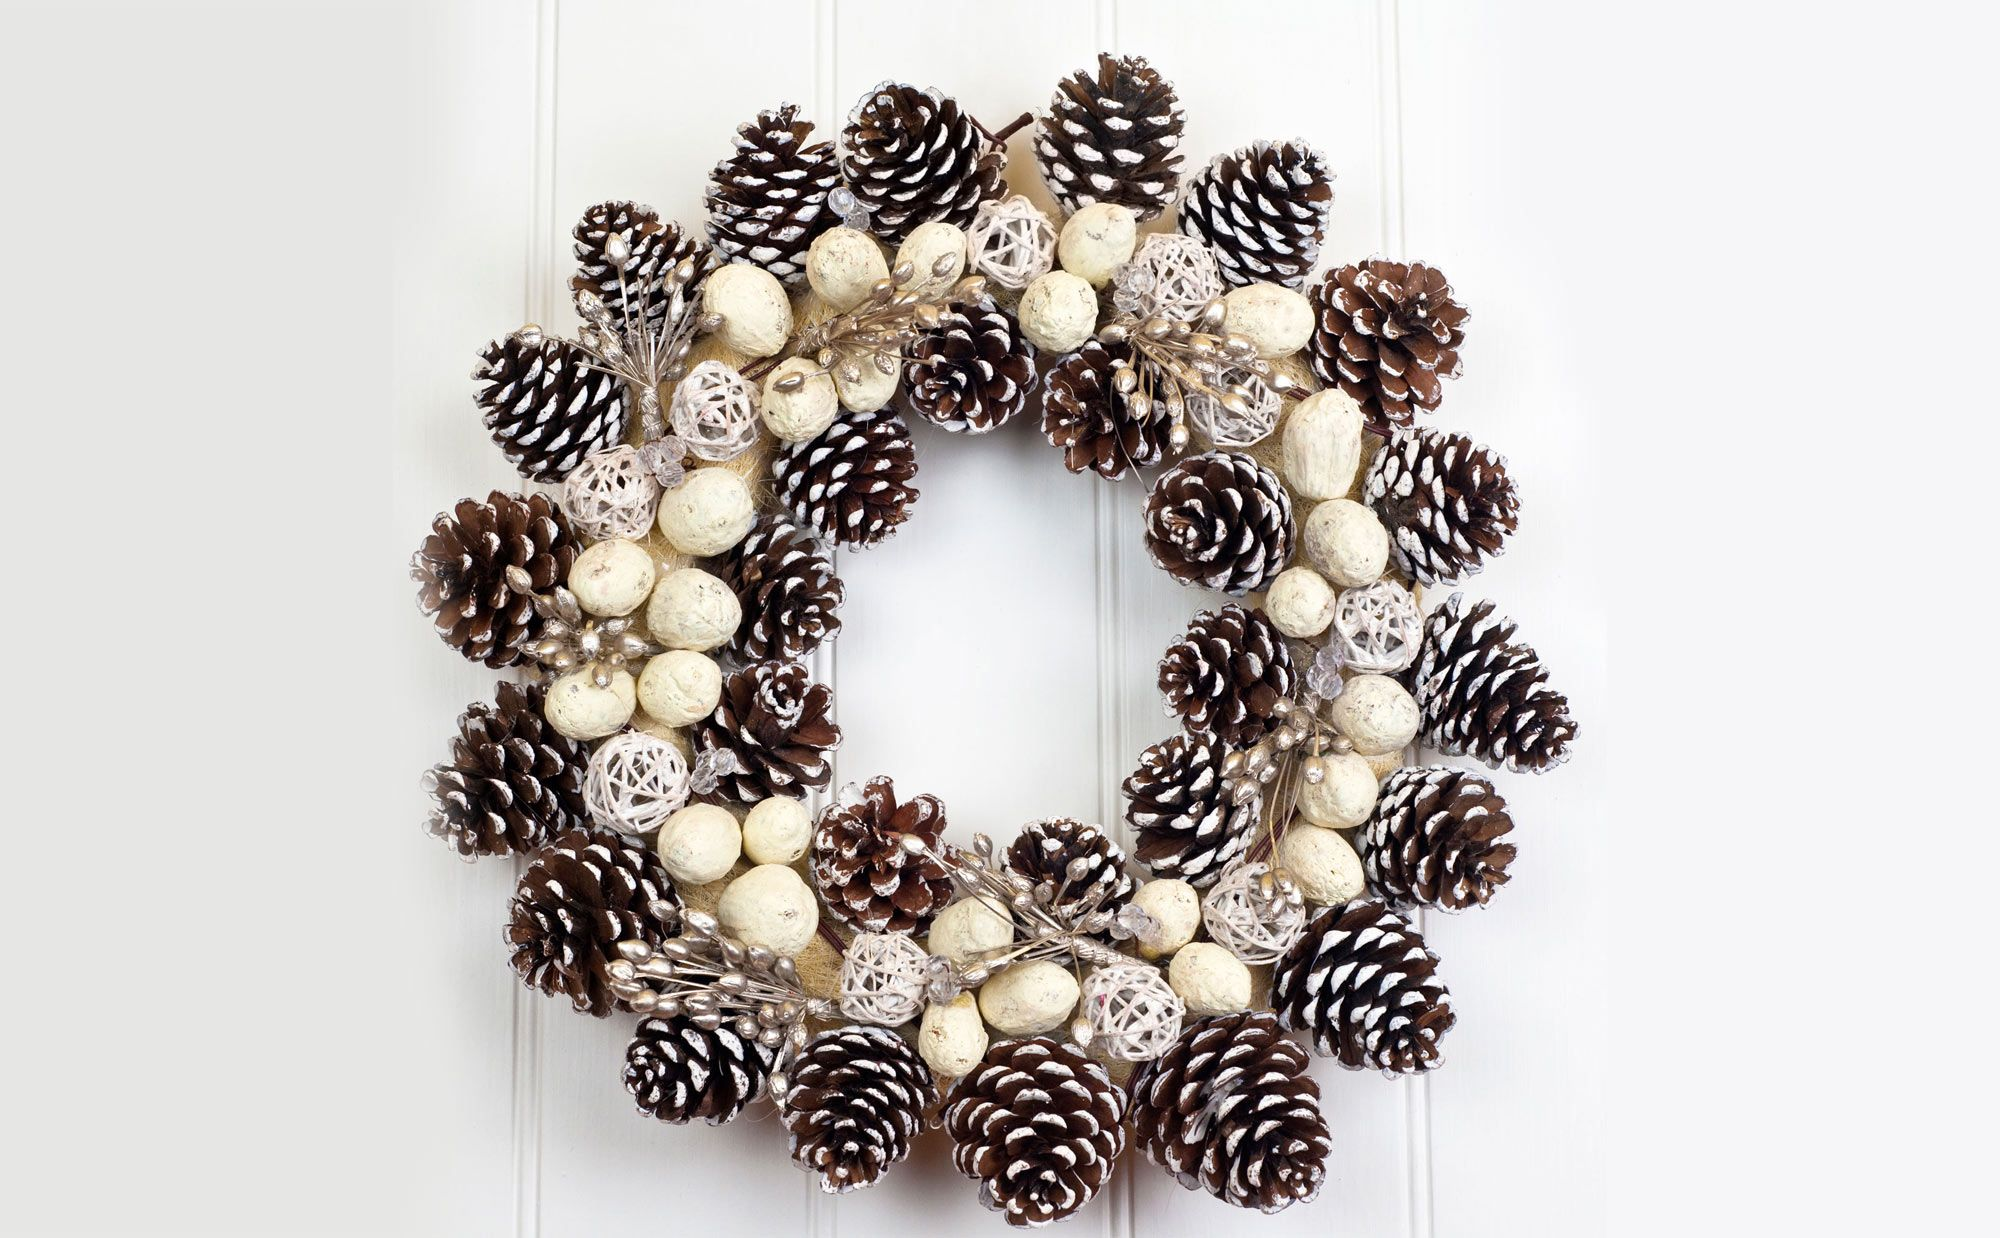 Decoraci n de navidad con pi as secas hogarmania for Coronas de navidad hechas a mano